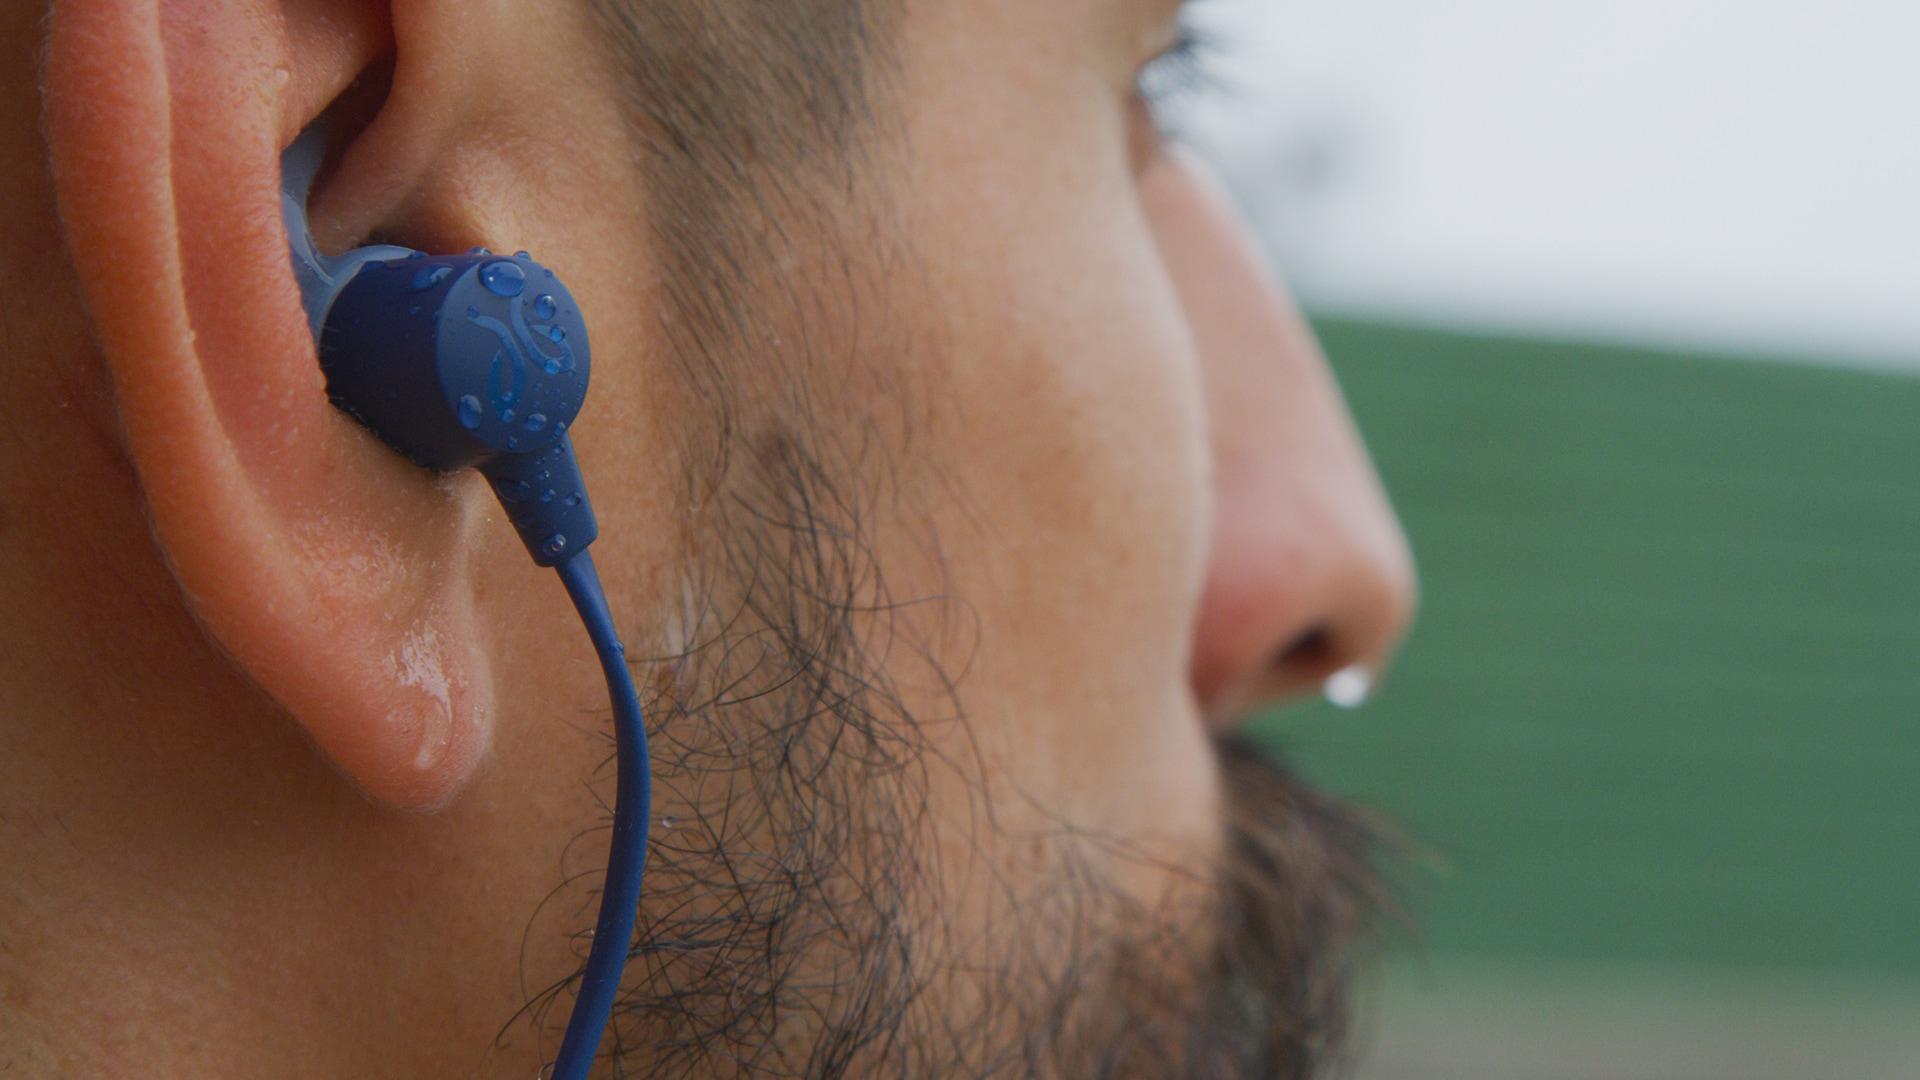 mejores auriculares para correr baratos: Jaybird Tarah